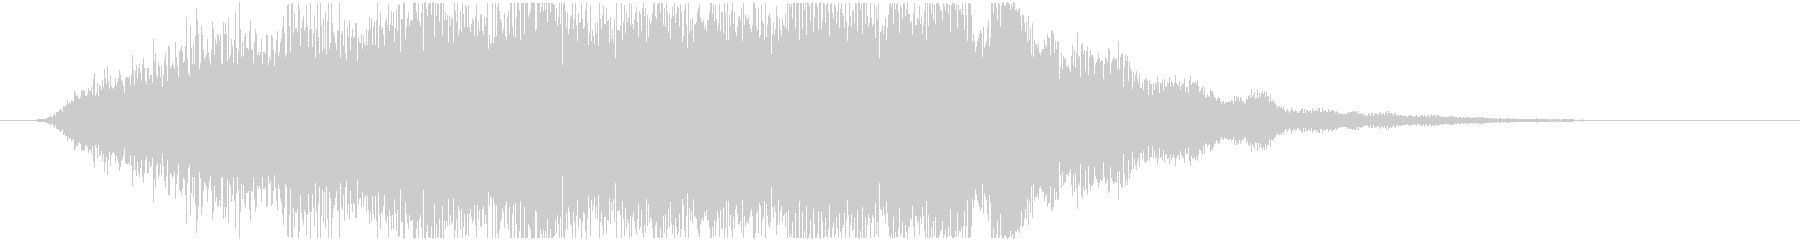 ダークな雰囲気のサウンドロゴ(ジングル)の未再生の波形